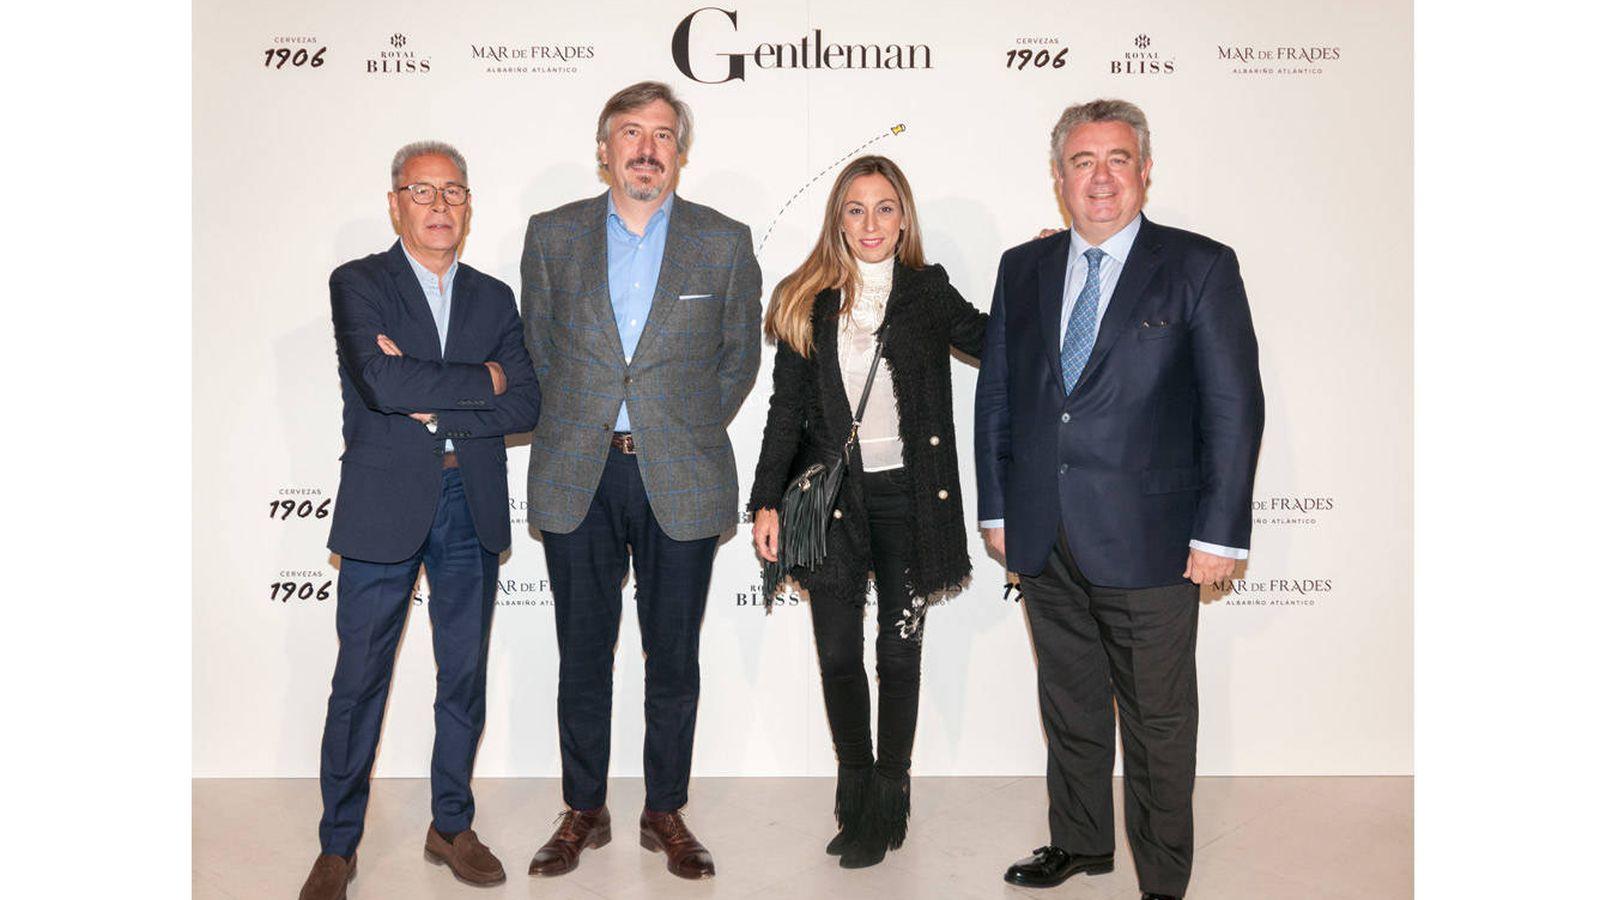 aa7084ea4 Sociedad  La gran fiesta de Gentleman  todas las fotos de la gala del 15º  aniversario